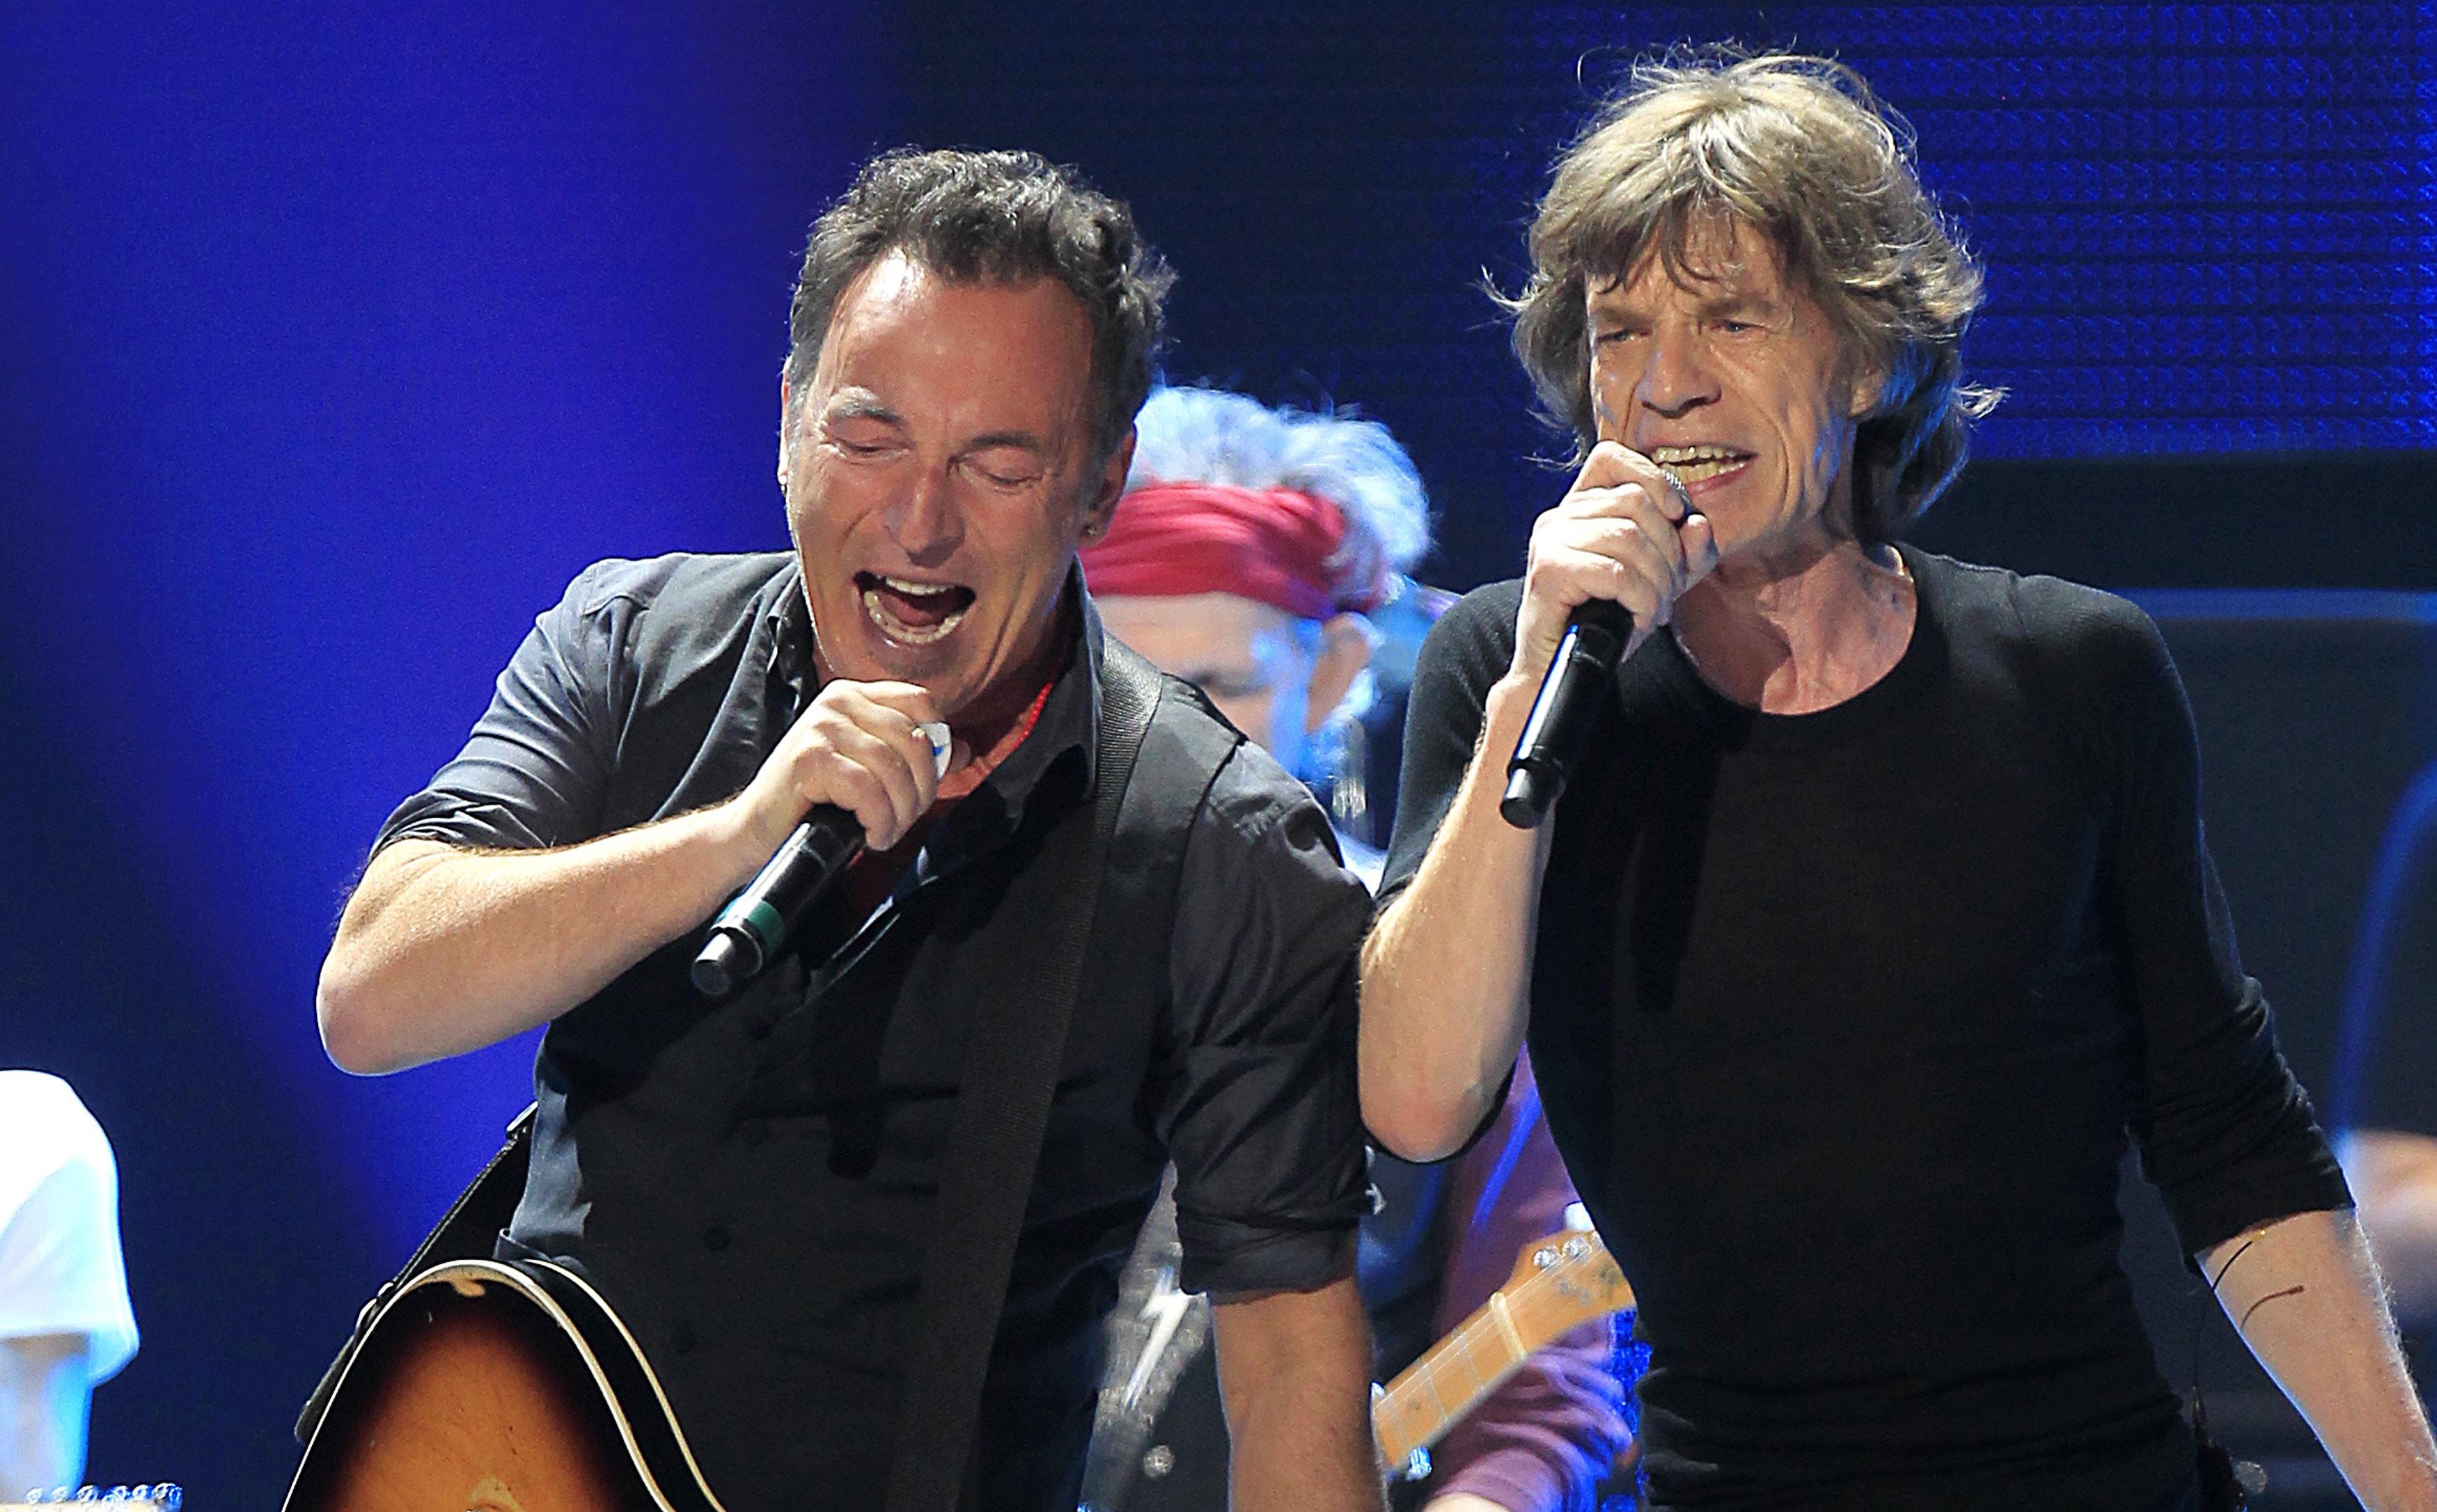 Mick Jagger & Bruce Springsteen